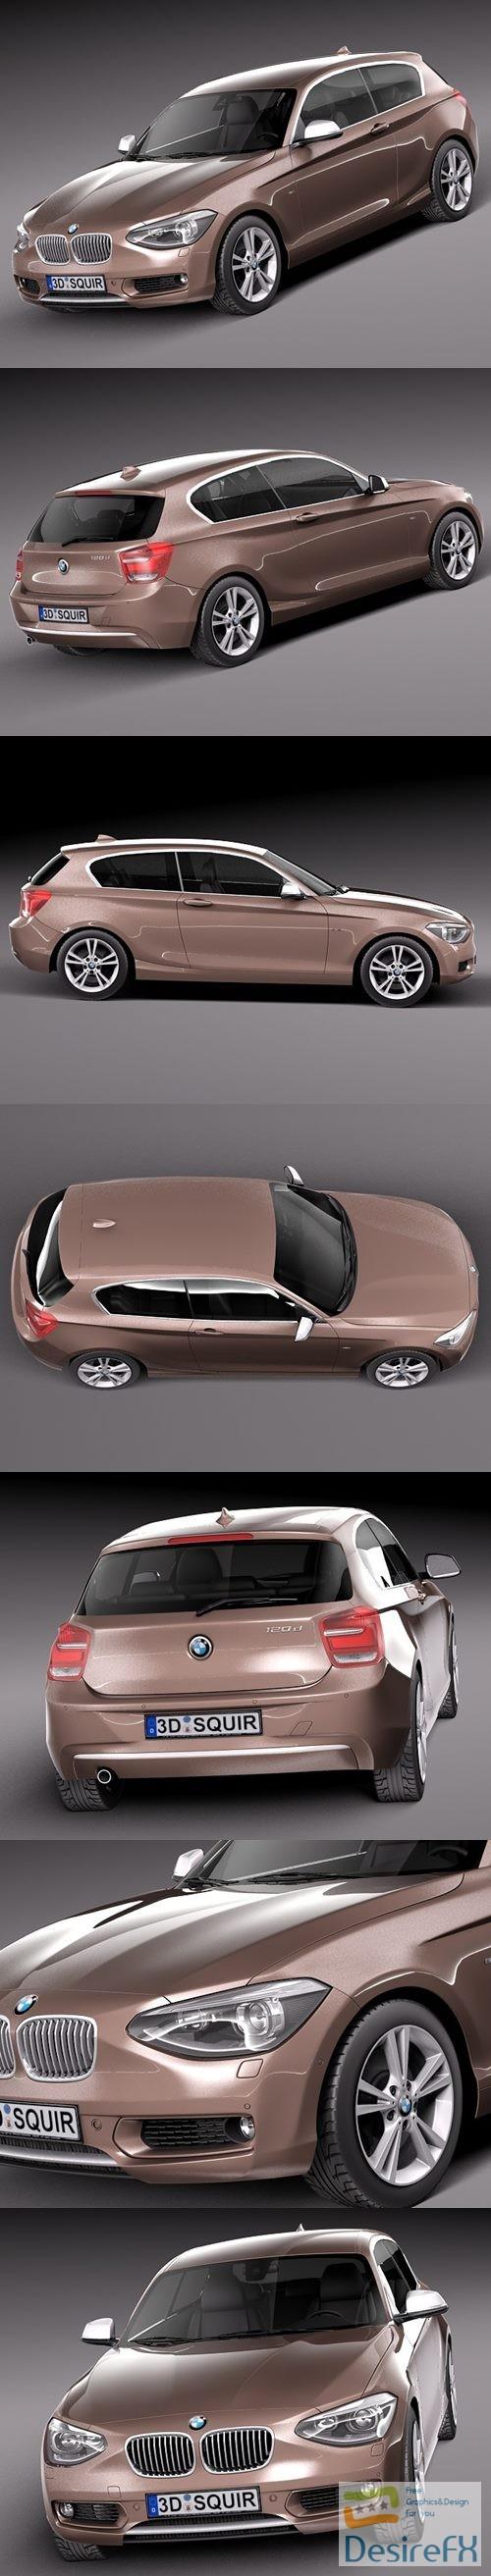 3d-models - BMW 1 3door 2013 3D Model